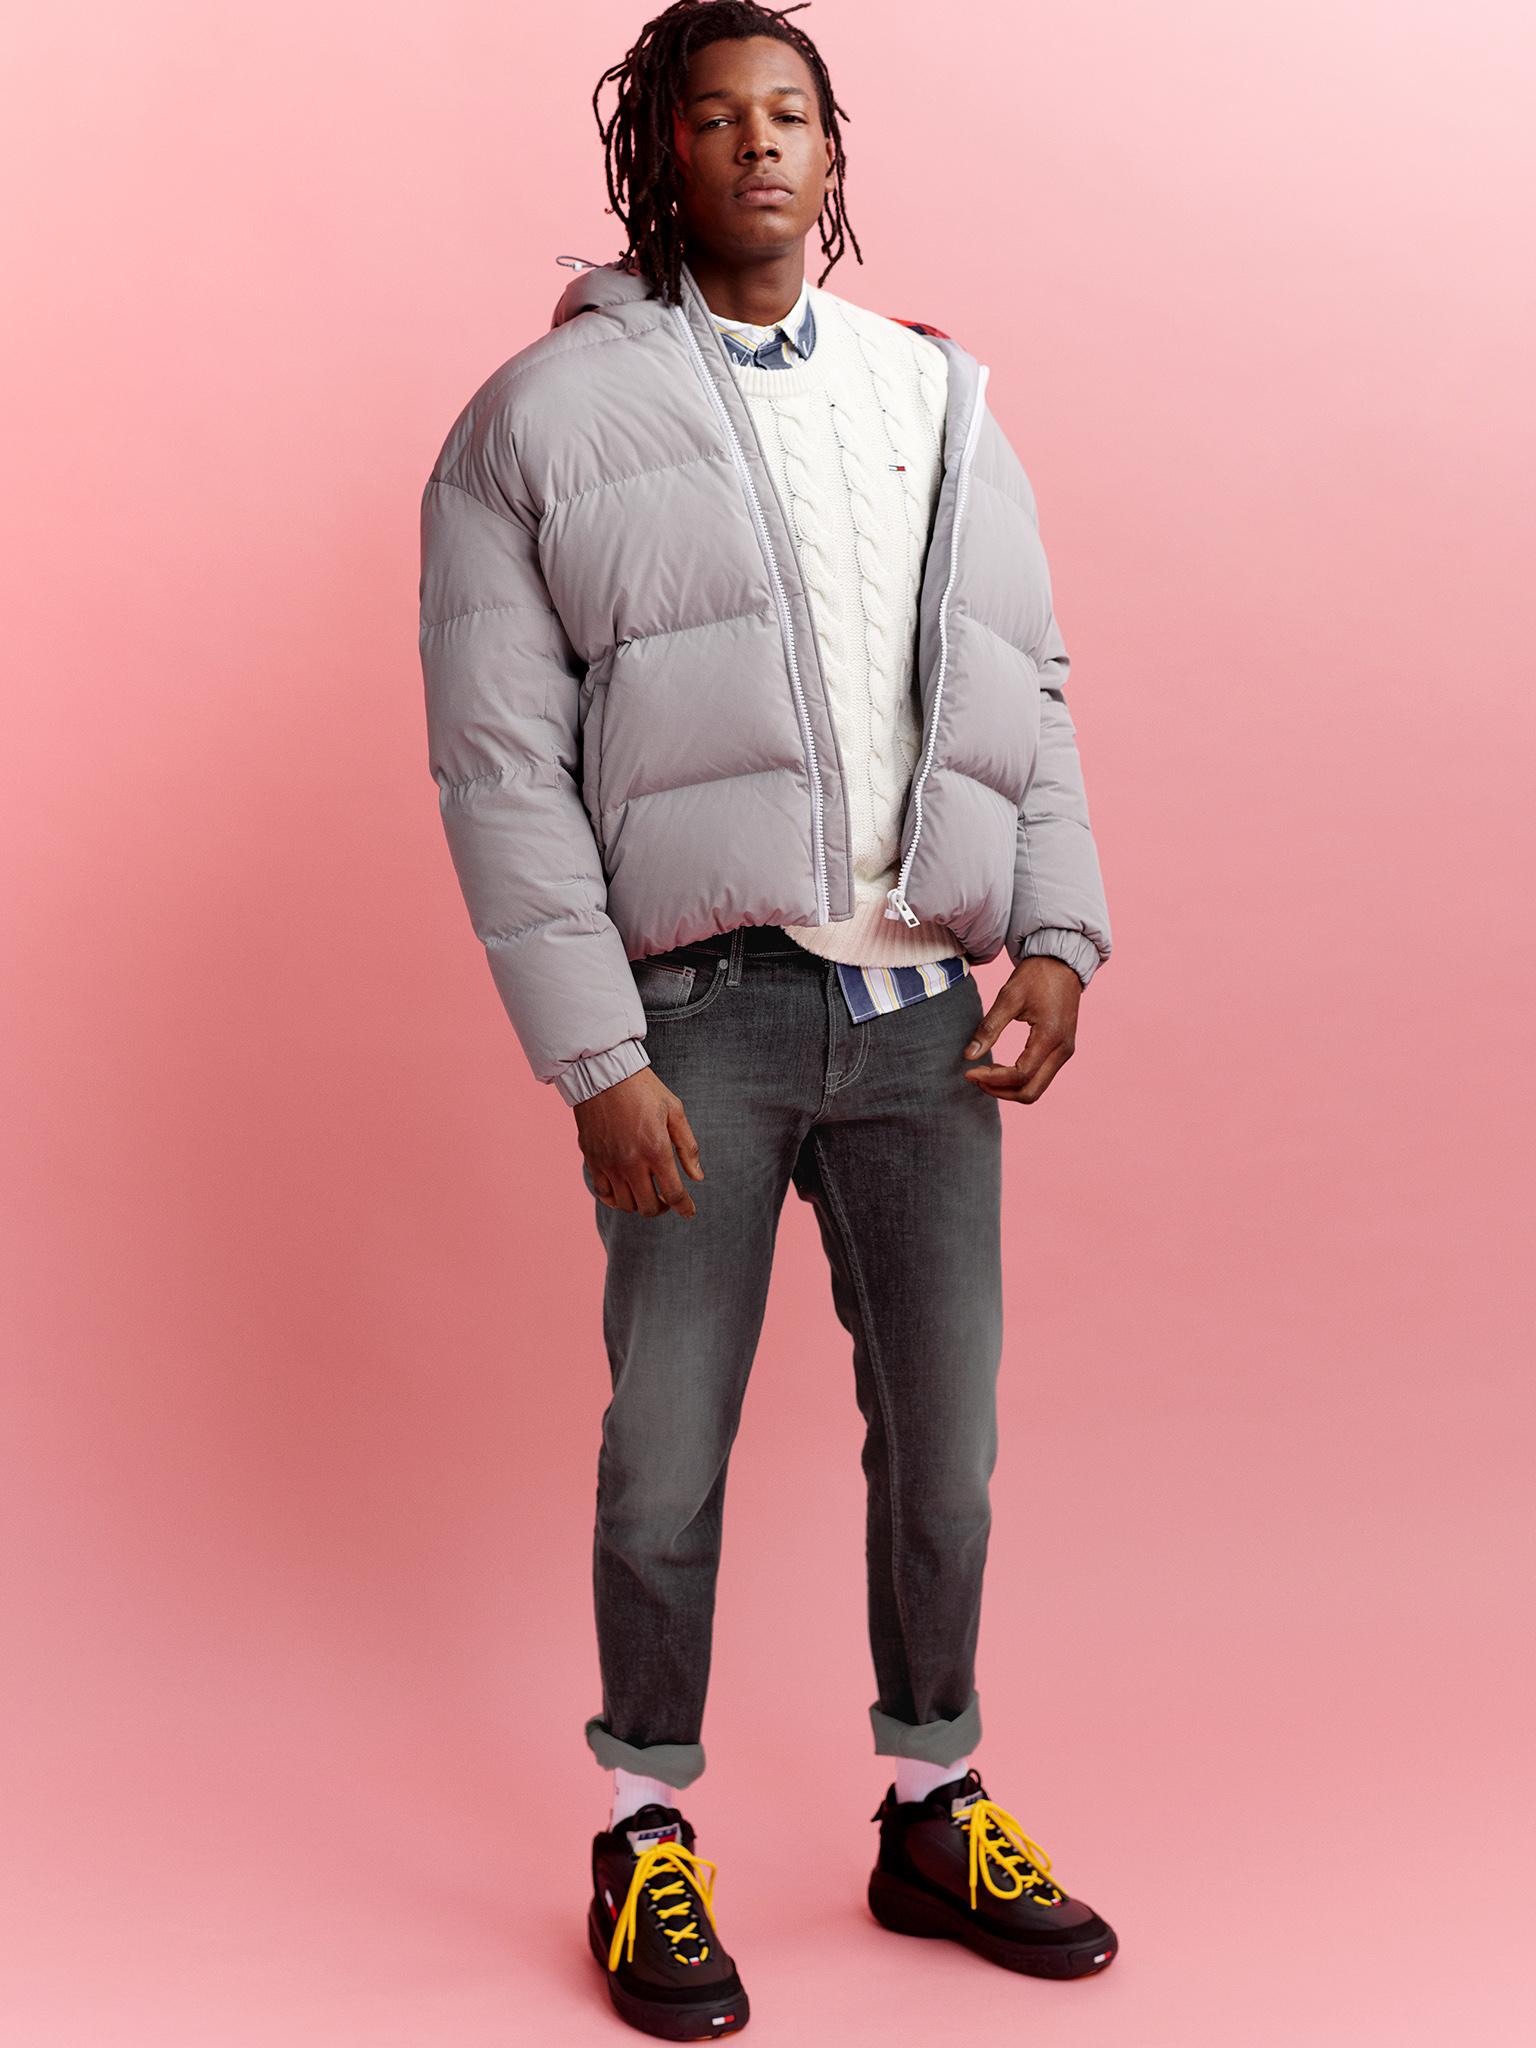 TH_Fall2019_TommyJeans_Lookbook_Look_01.jpg